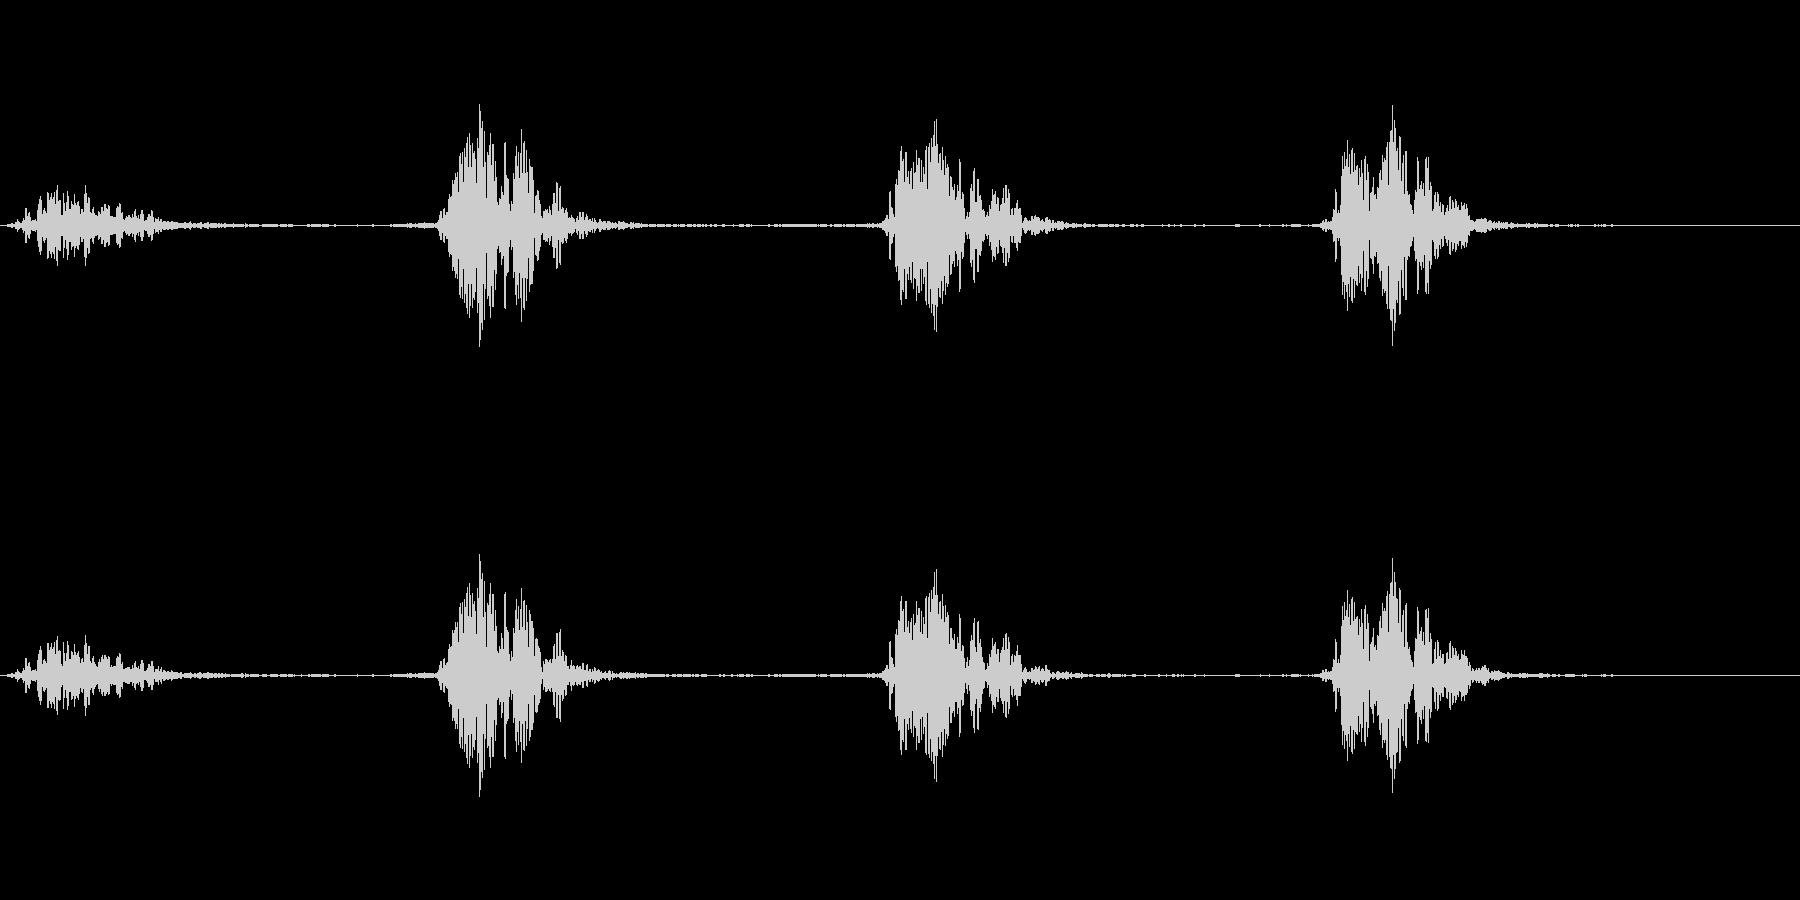 モンスター 息ハァハァ 01の未再生の波形